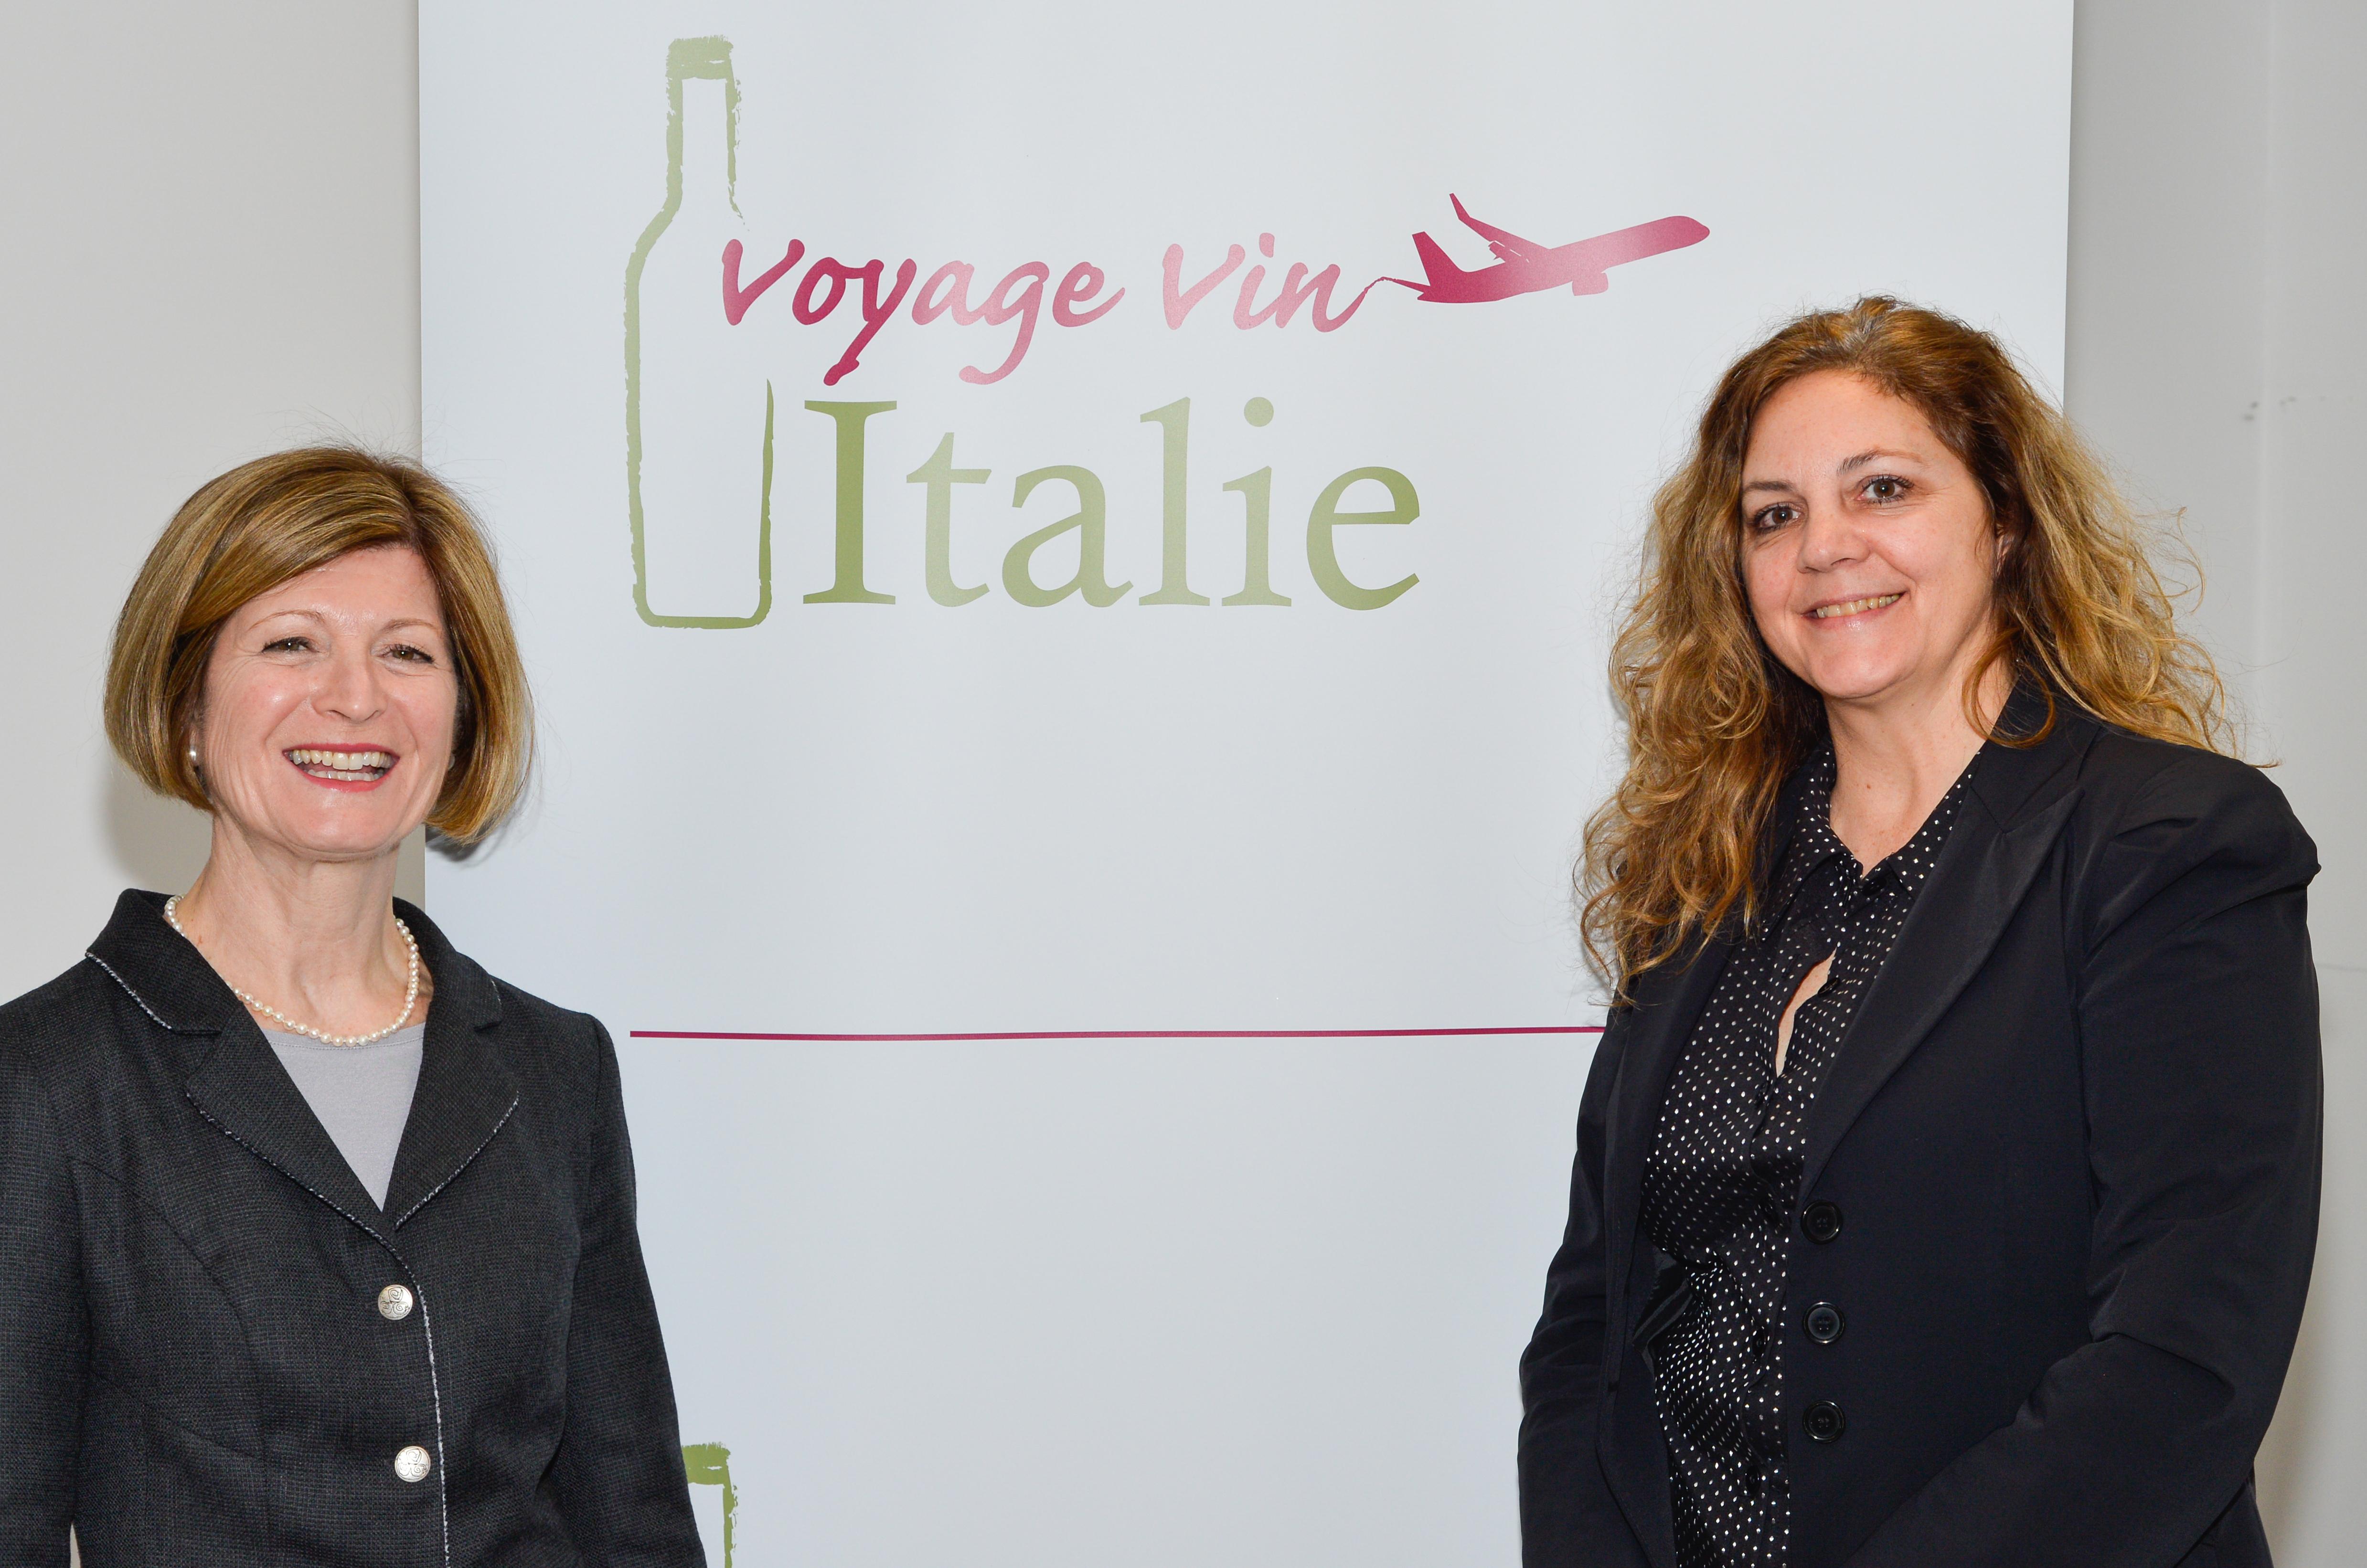 Voyage Vin Italie, un site Web pour découvrir la destination derrière l'étiquette